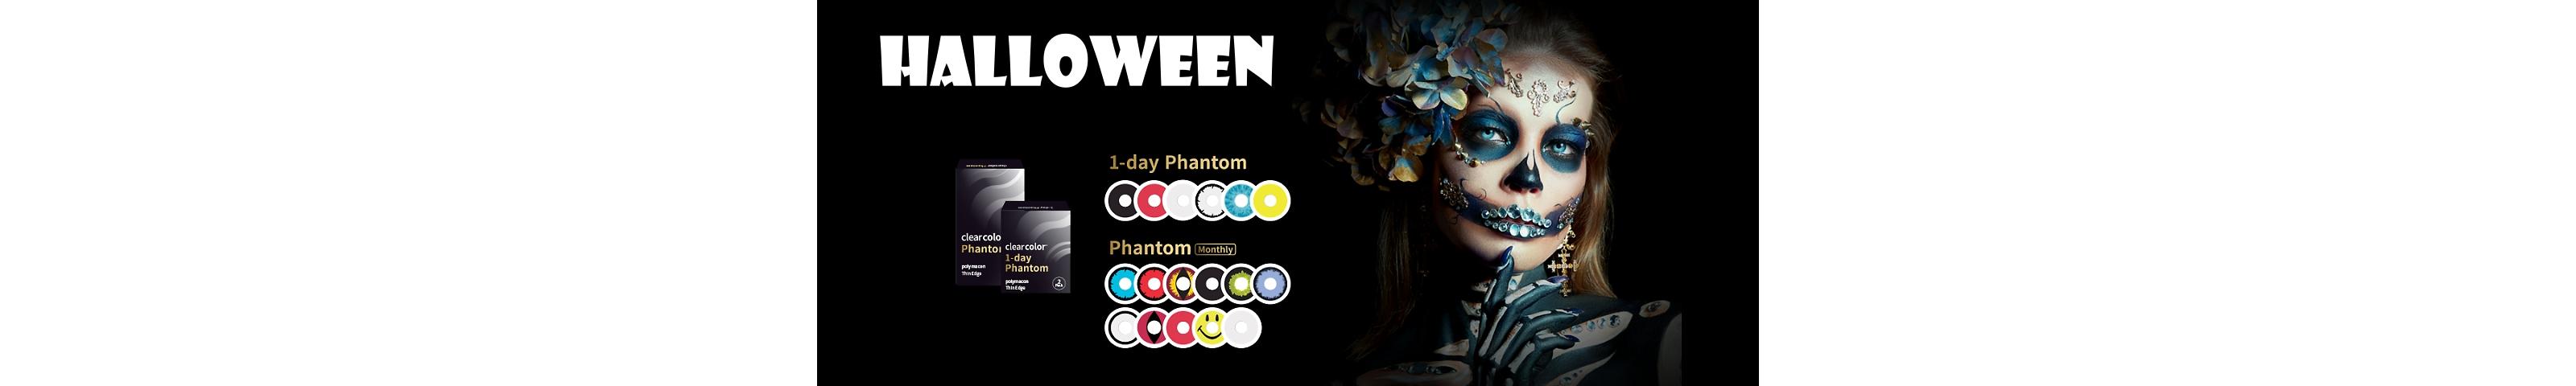 Startseite Banner: Helloween